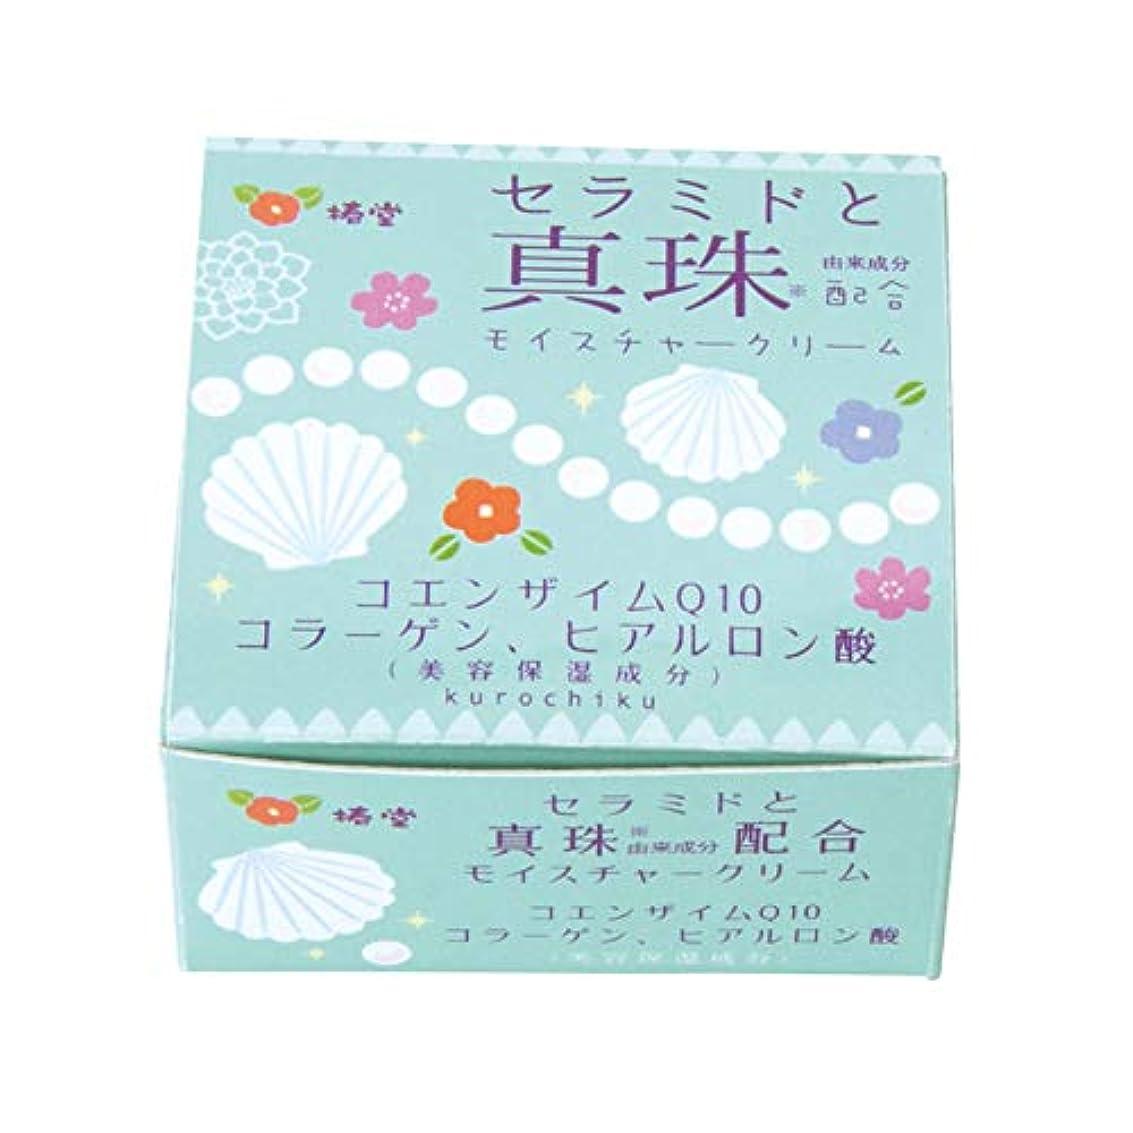 現像腹ジレンマ椿堂 真珠モイスチャークリーム (セラミドと真珠) 京都くろちく